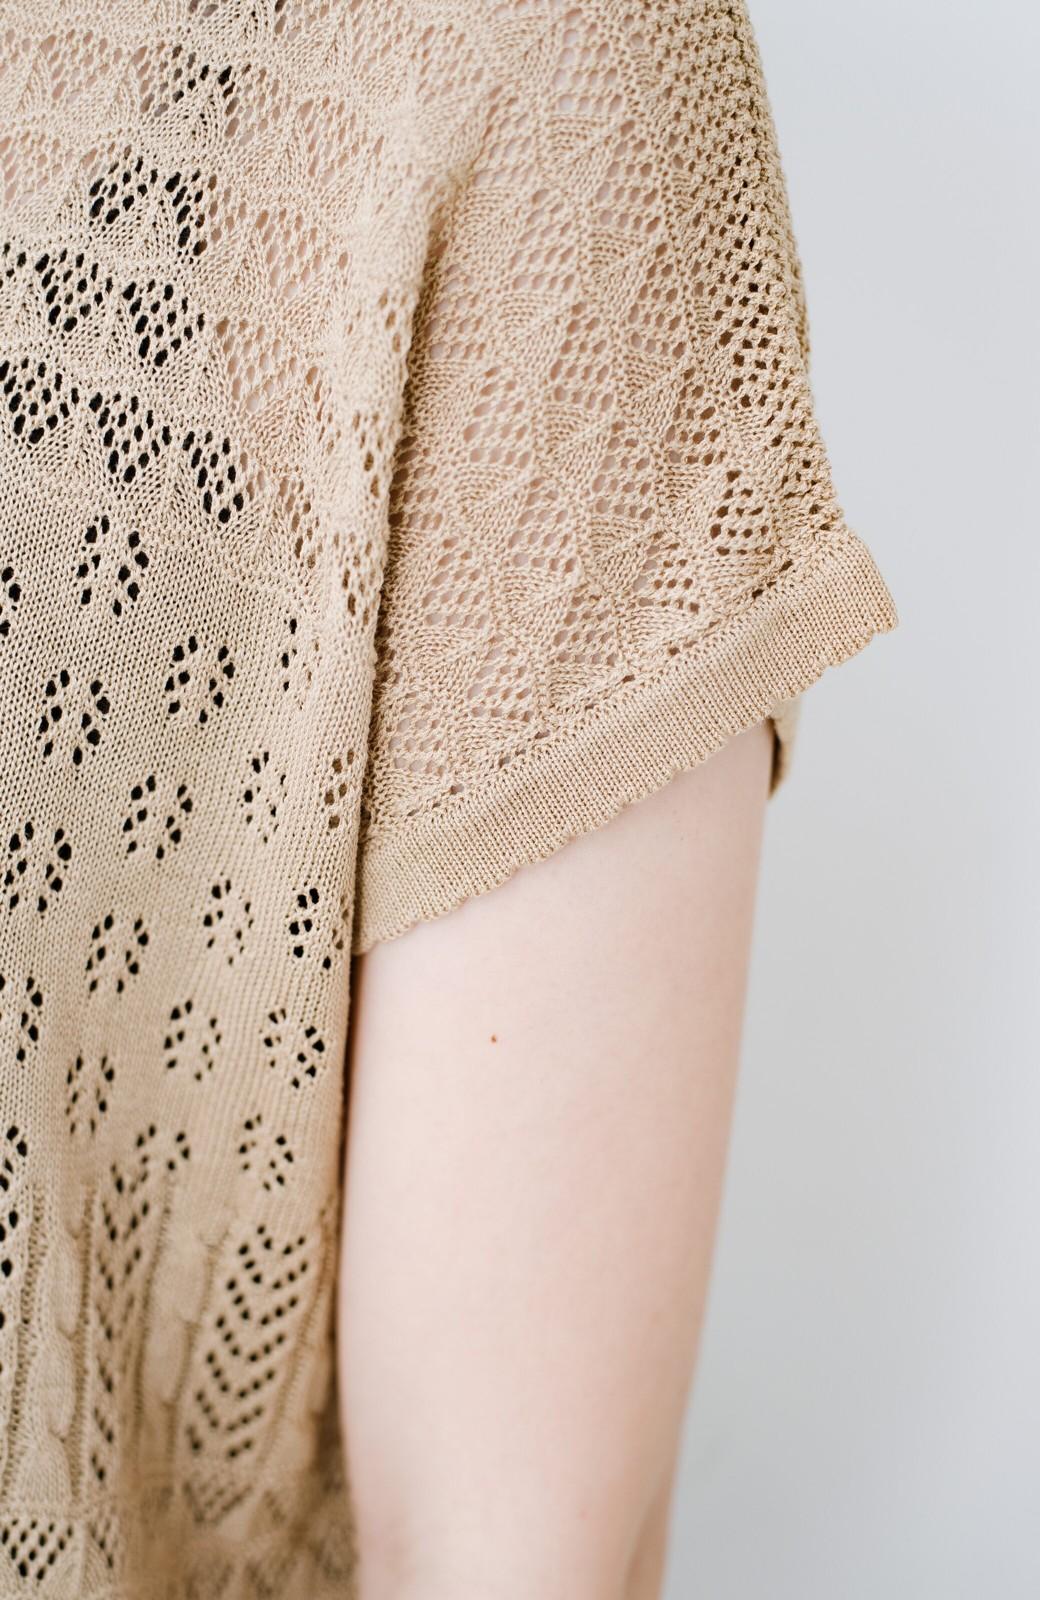 haco! 1枚でも重ね着にも便利なヘビロテしたくなる透かし編みニットトップス <ライトブラウン>の商品写真4